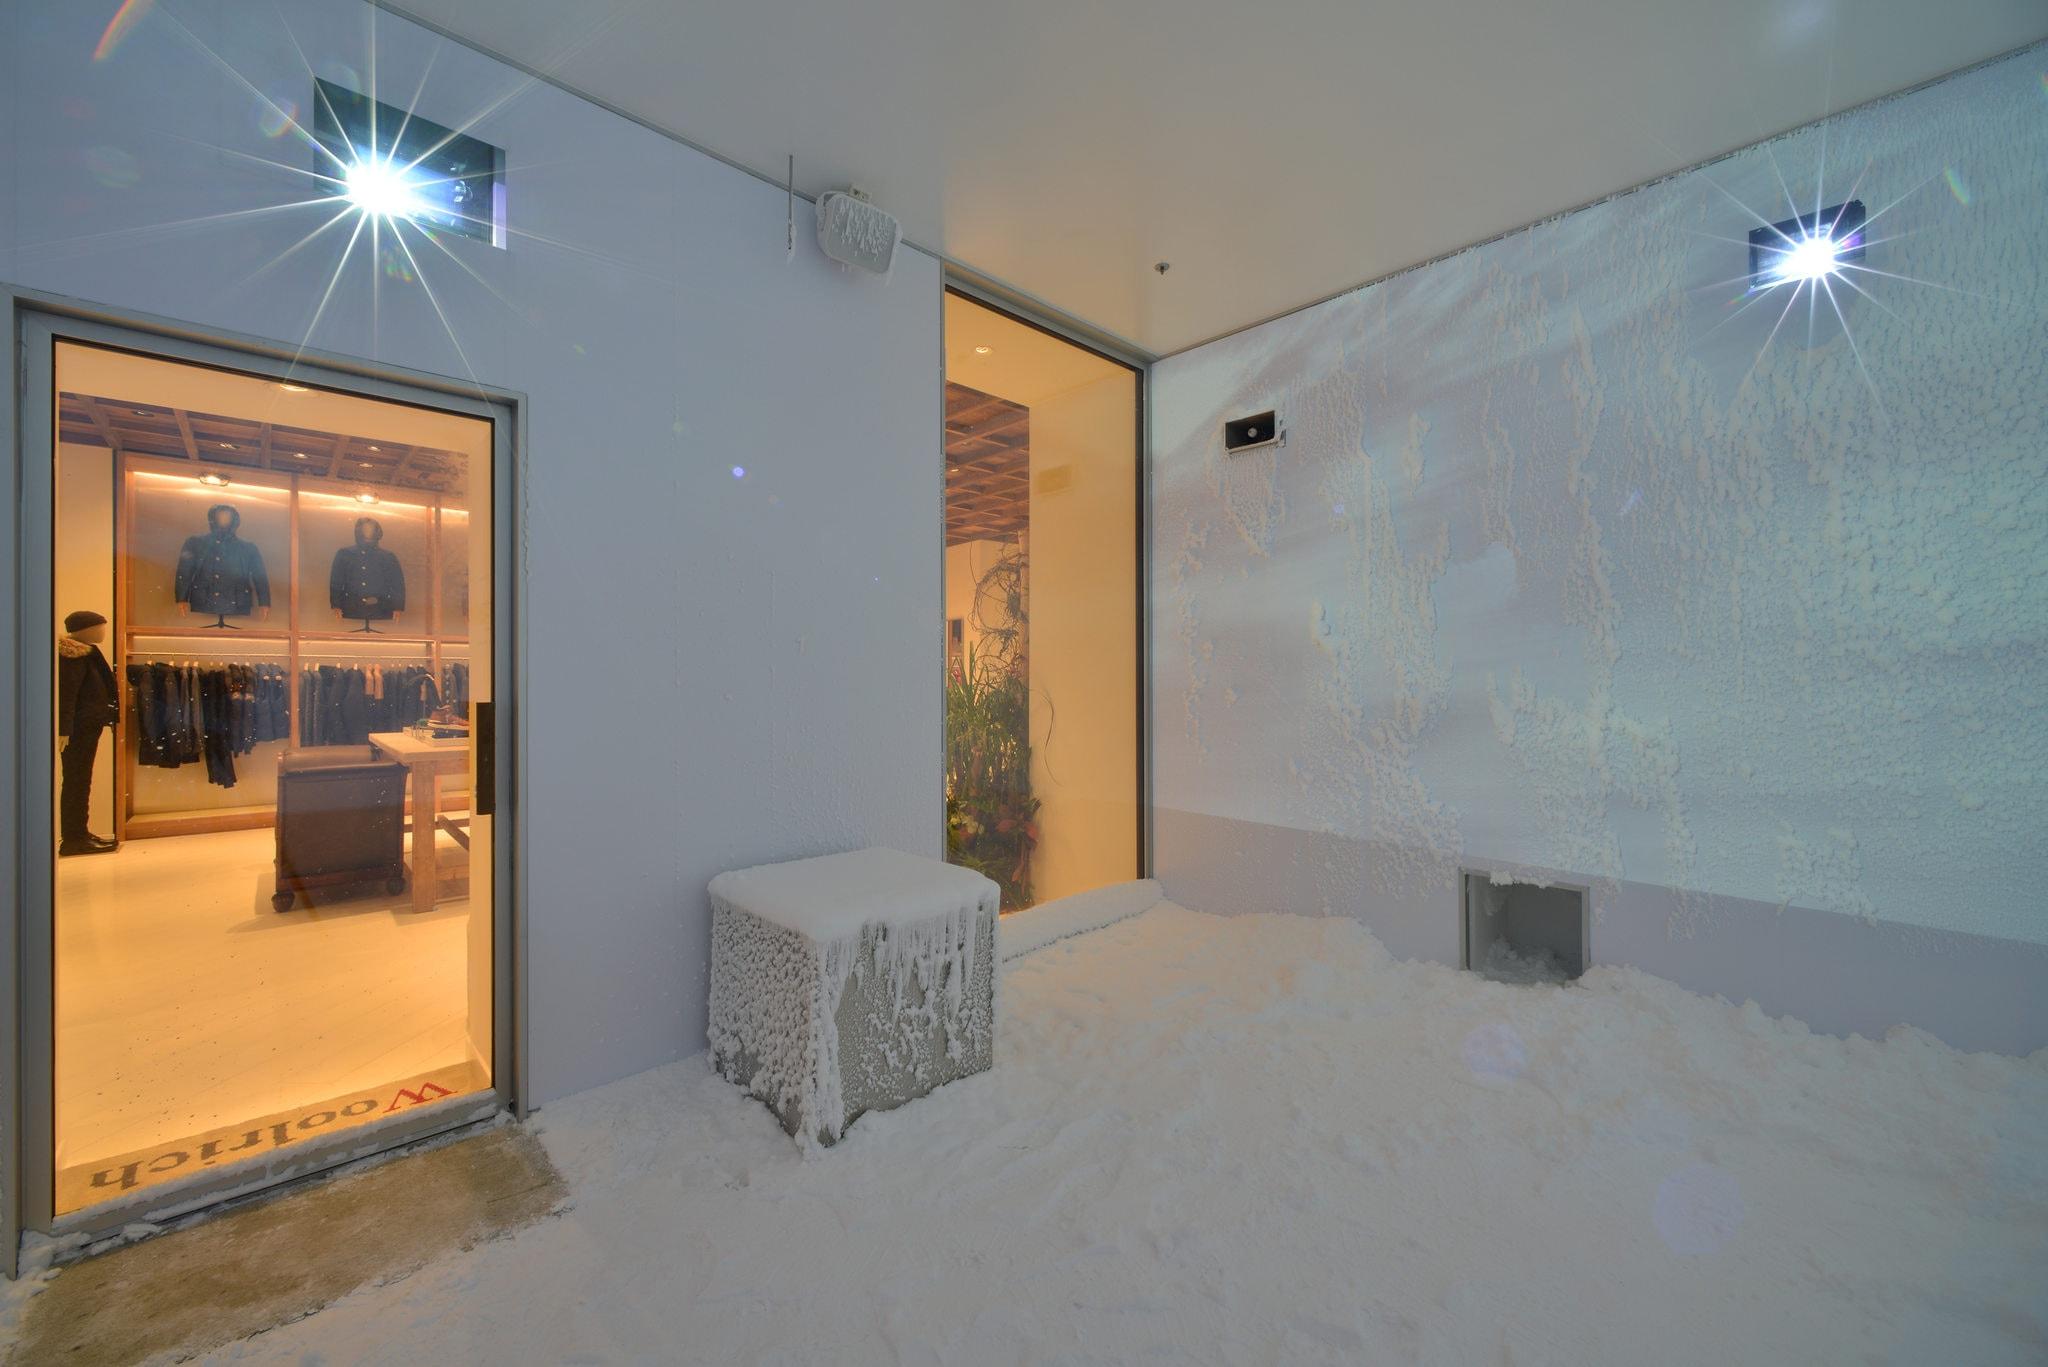 chambre froide dans un magasin de vêtements